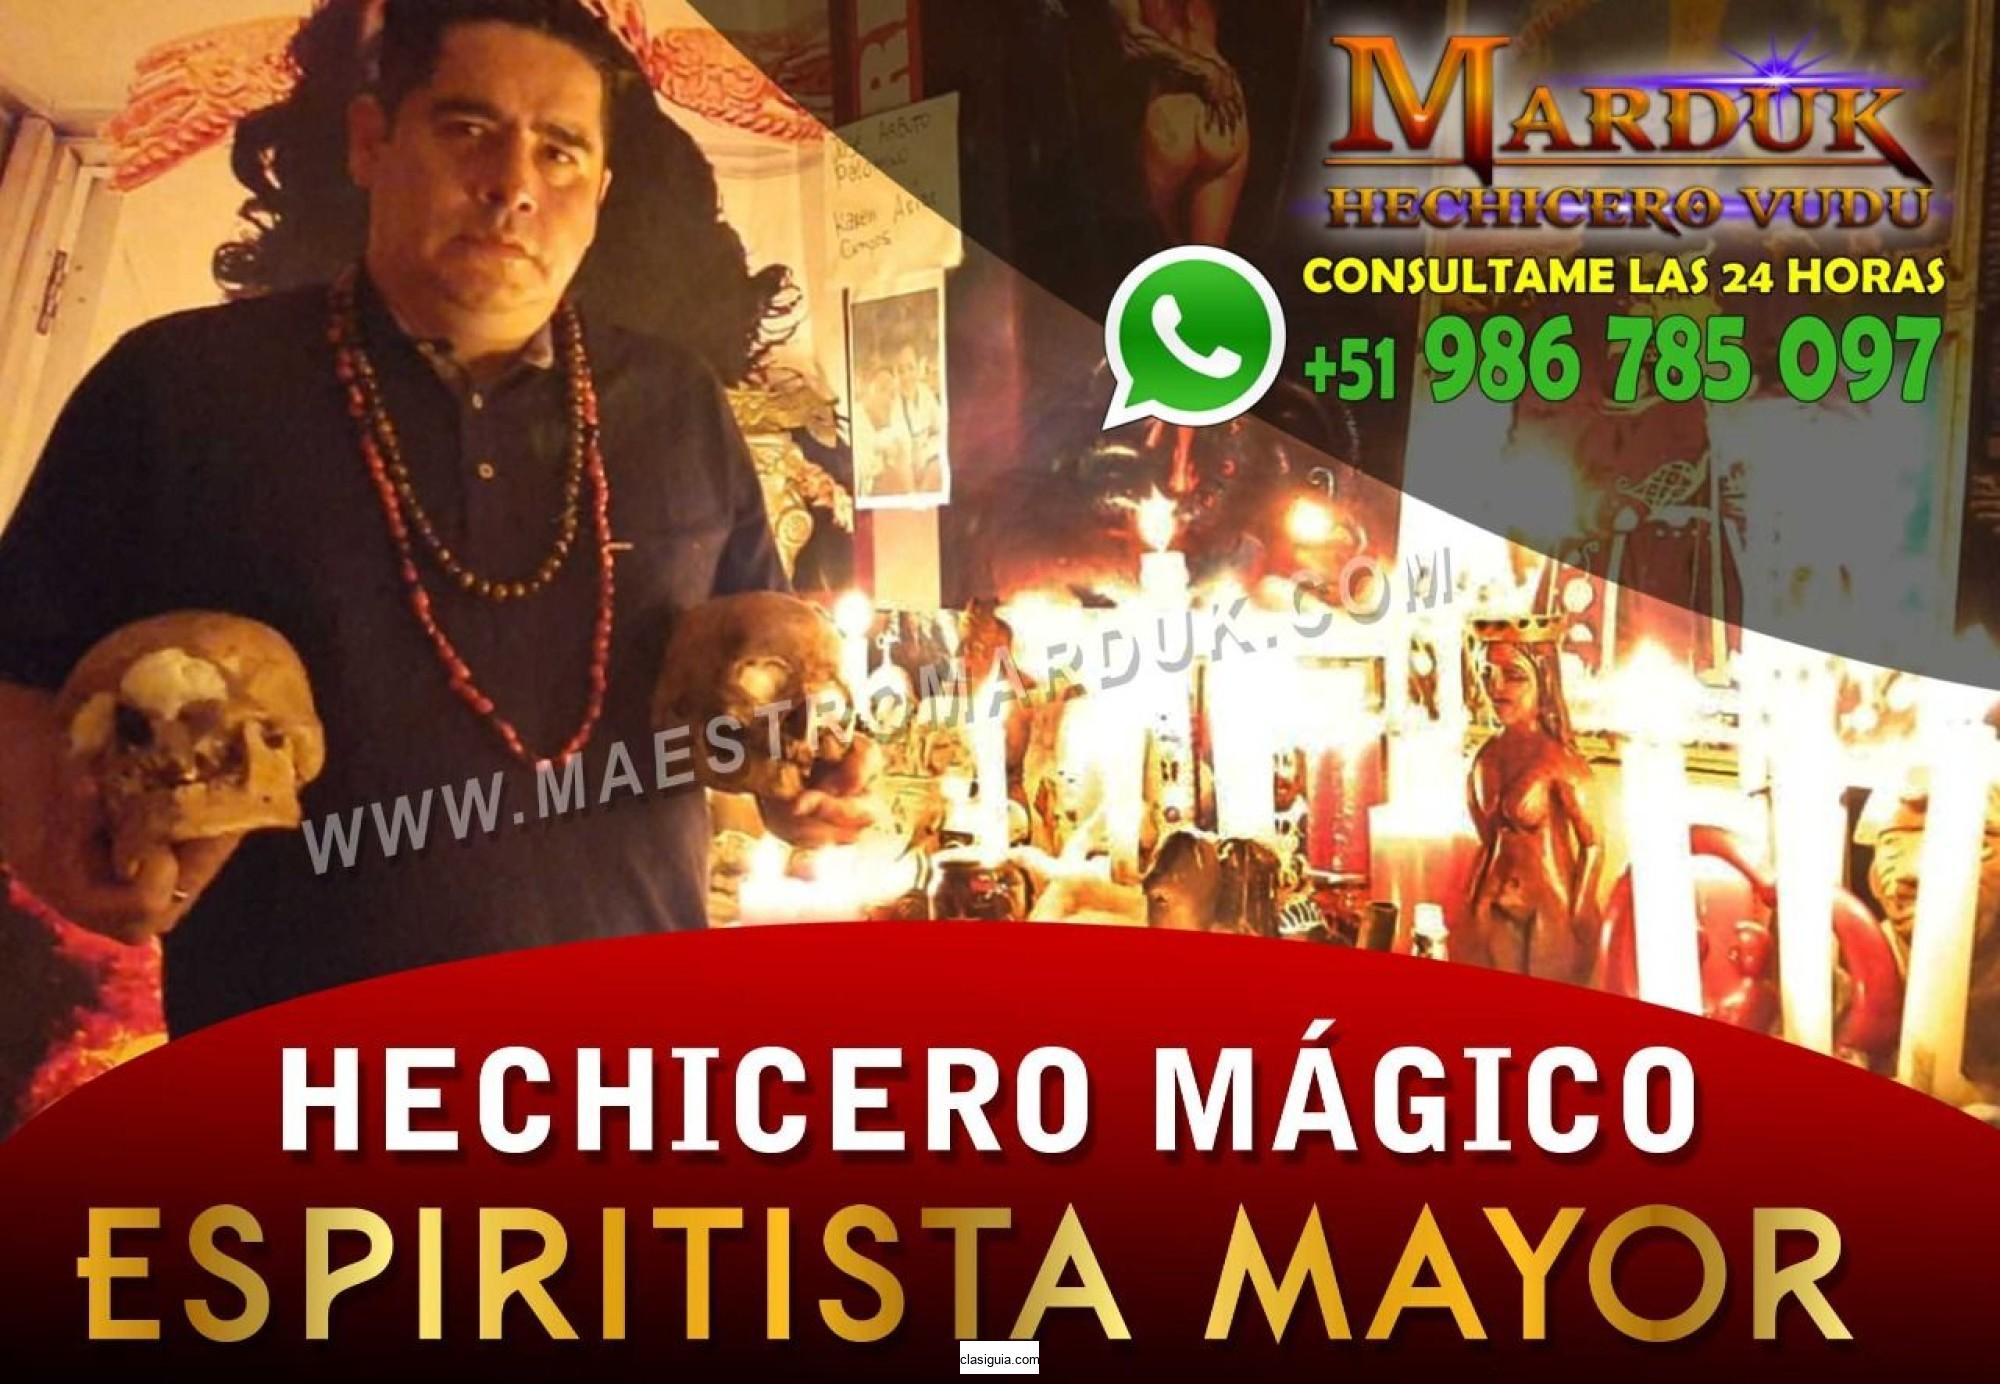 MAESTRO MARDUK REY DE LOS AMARRES Y HECHIZOS VUDU INTERNACIONAL